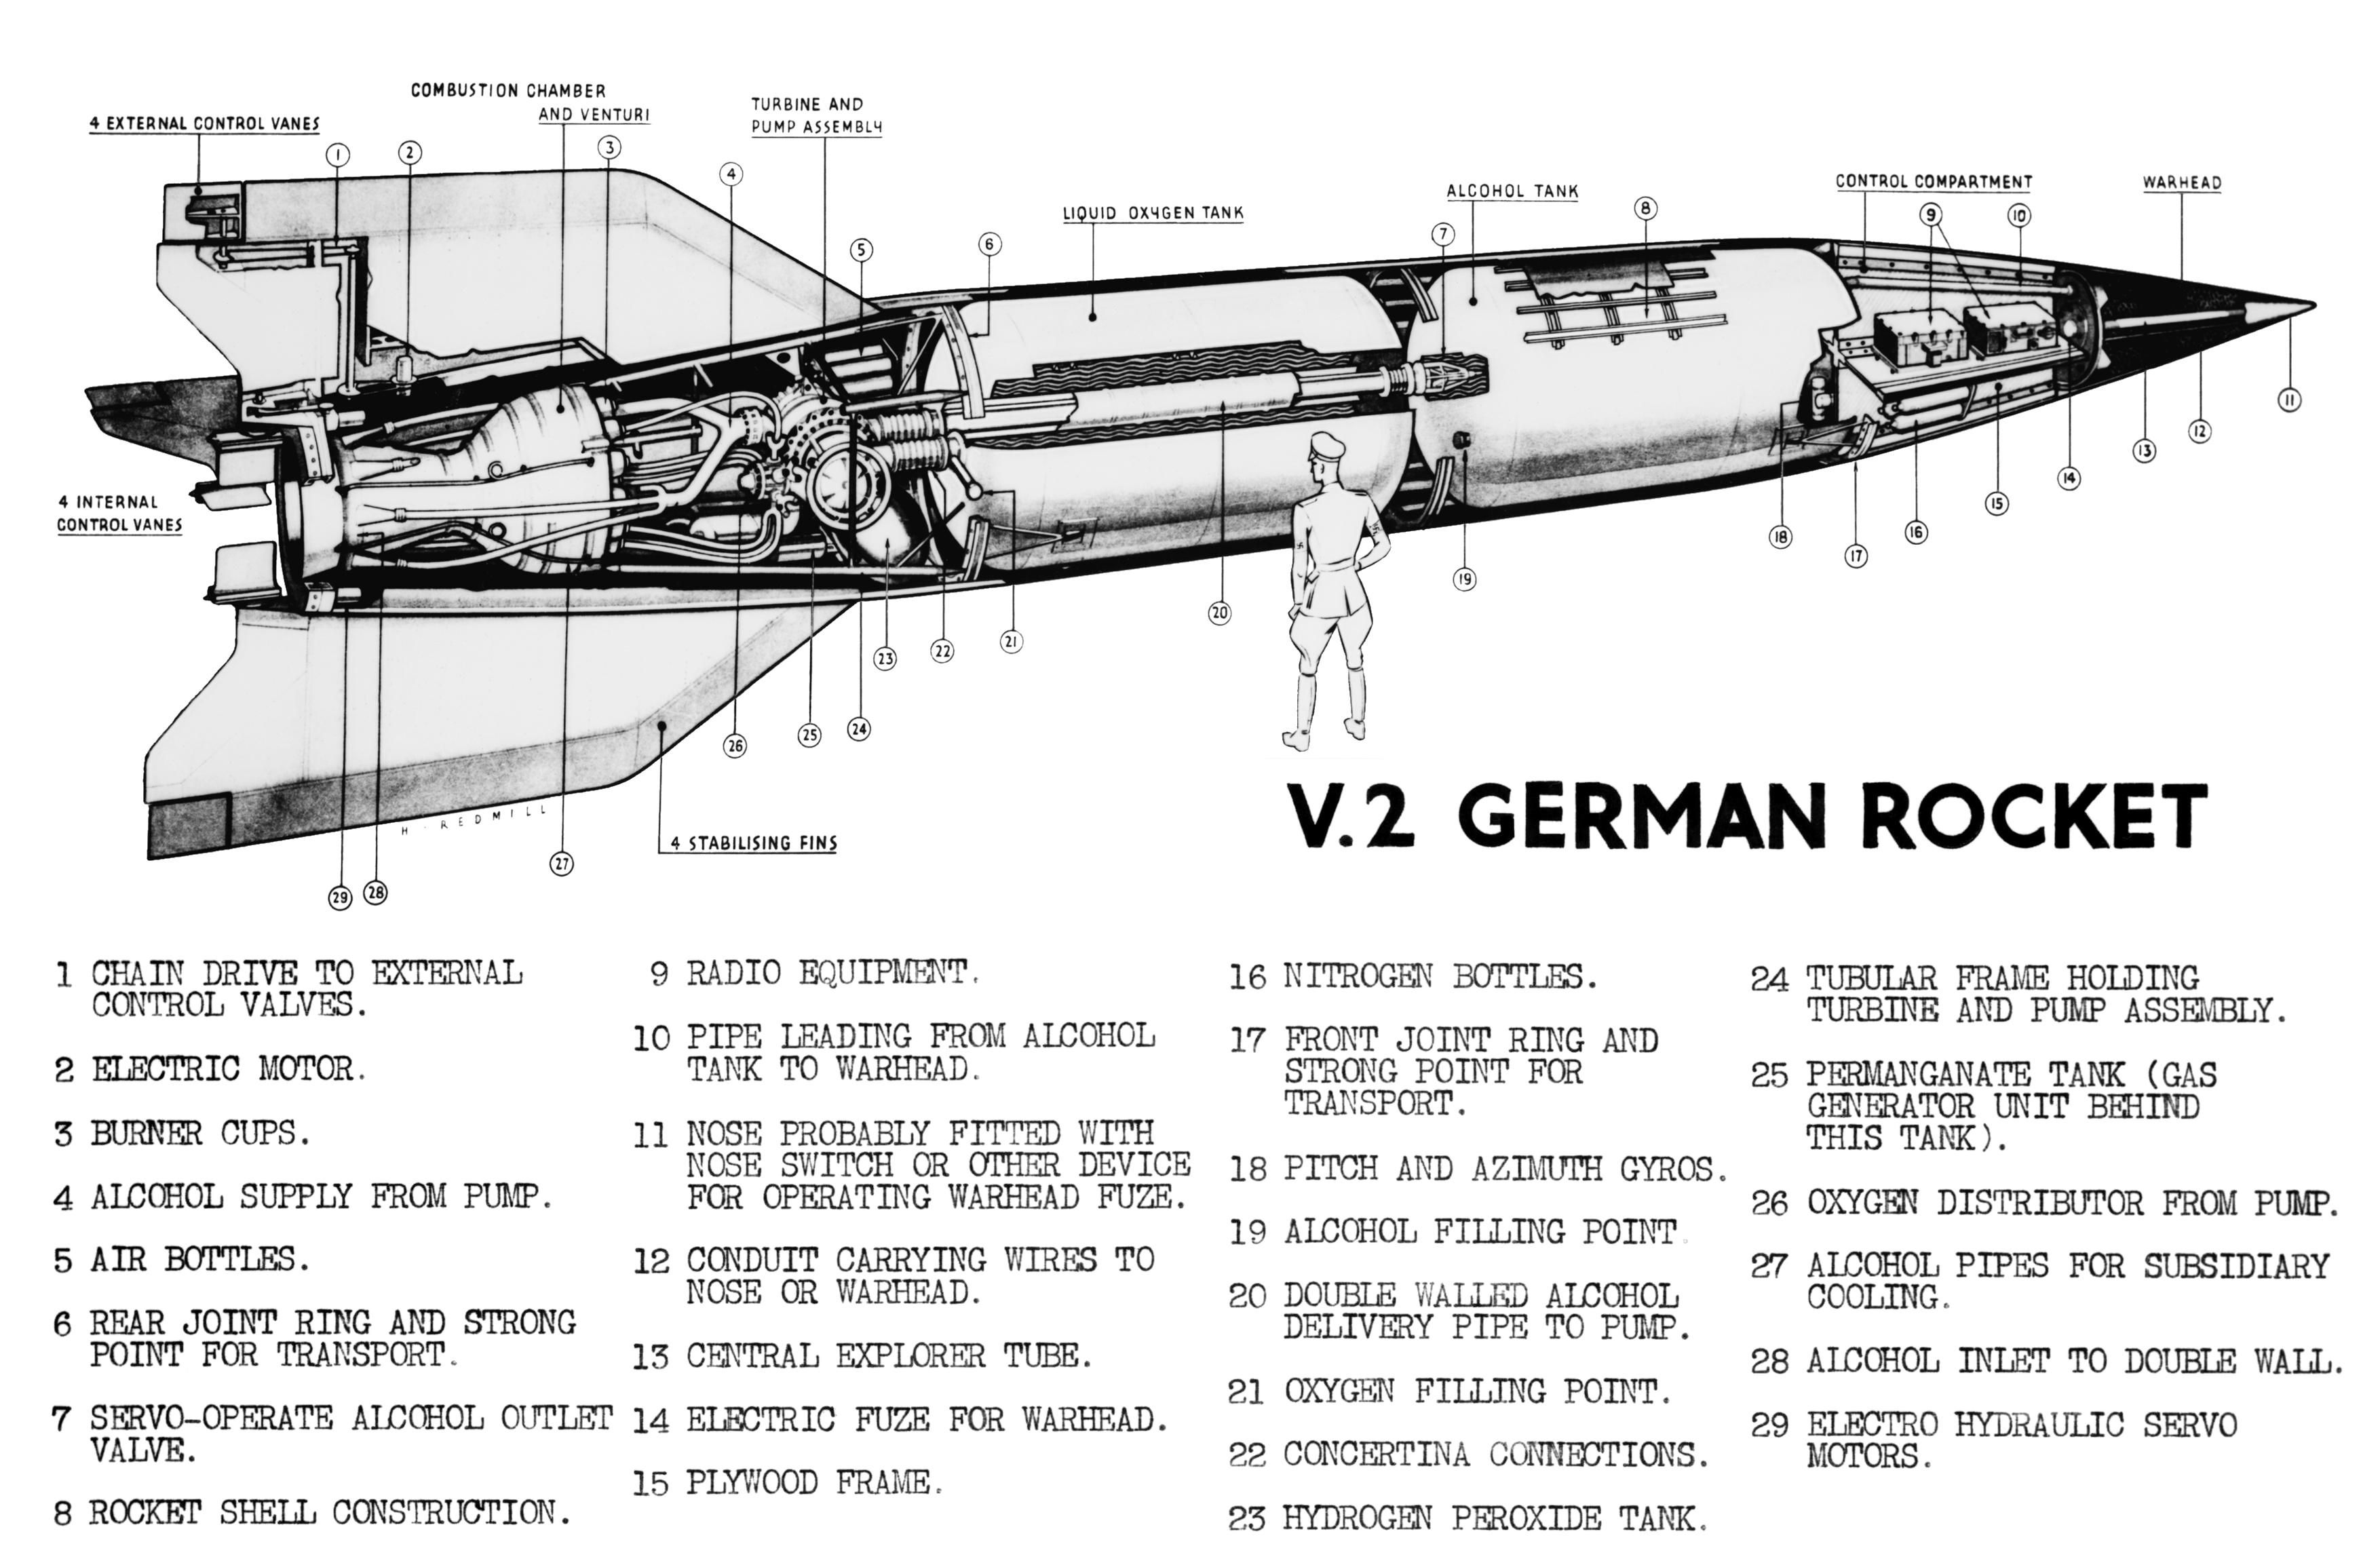 V-2 Cutaways